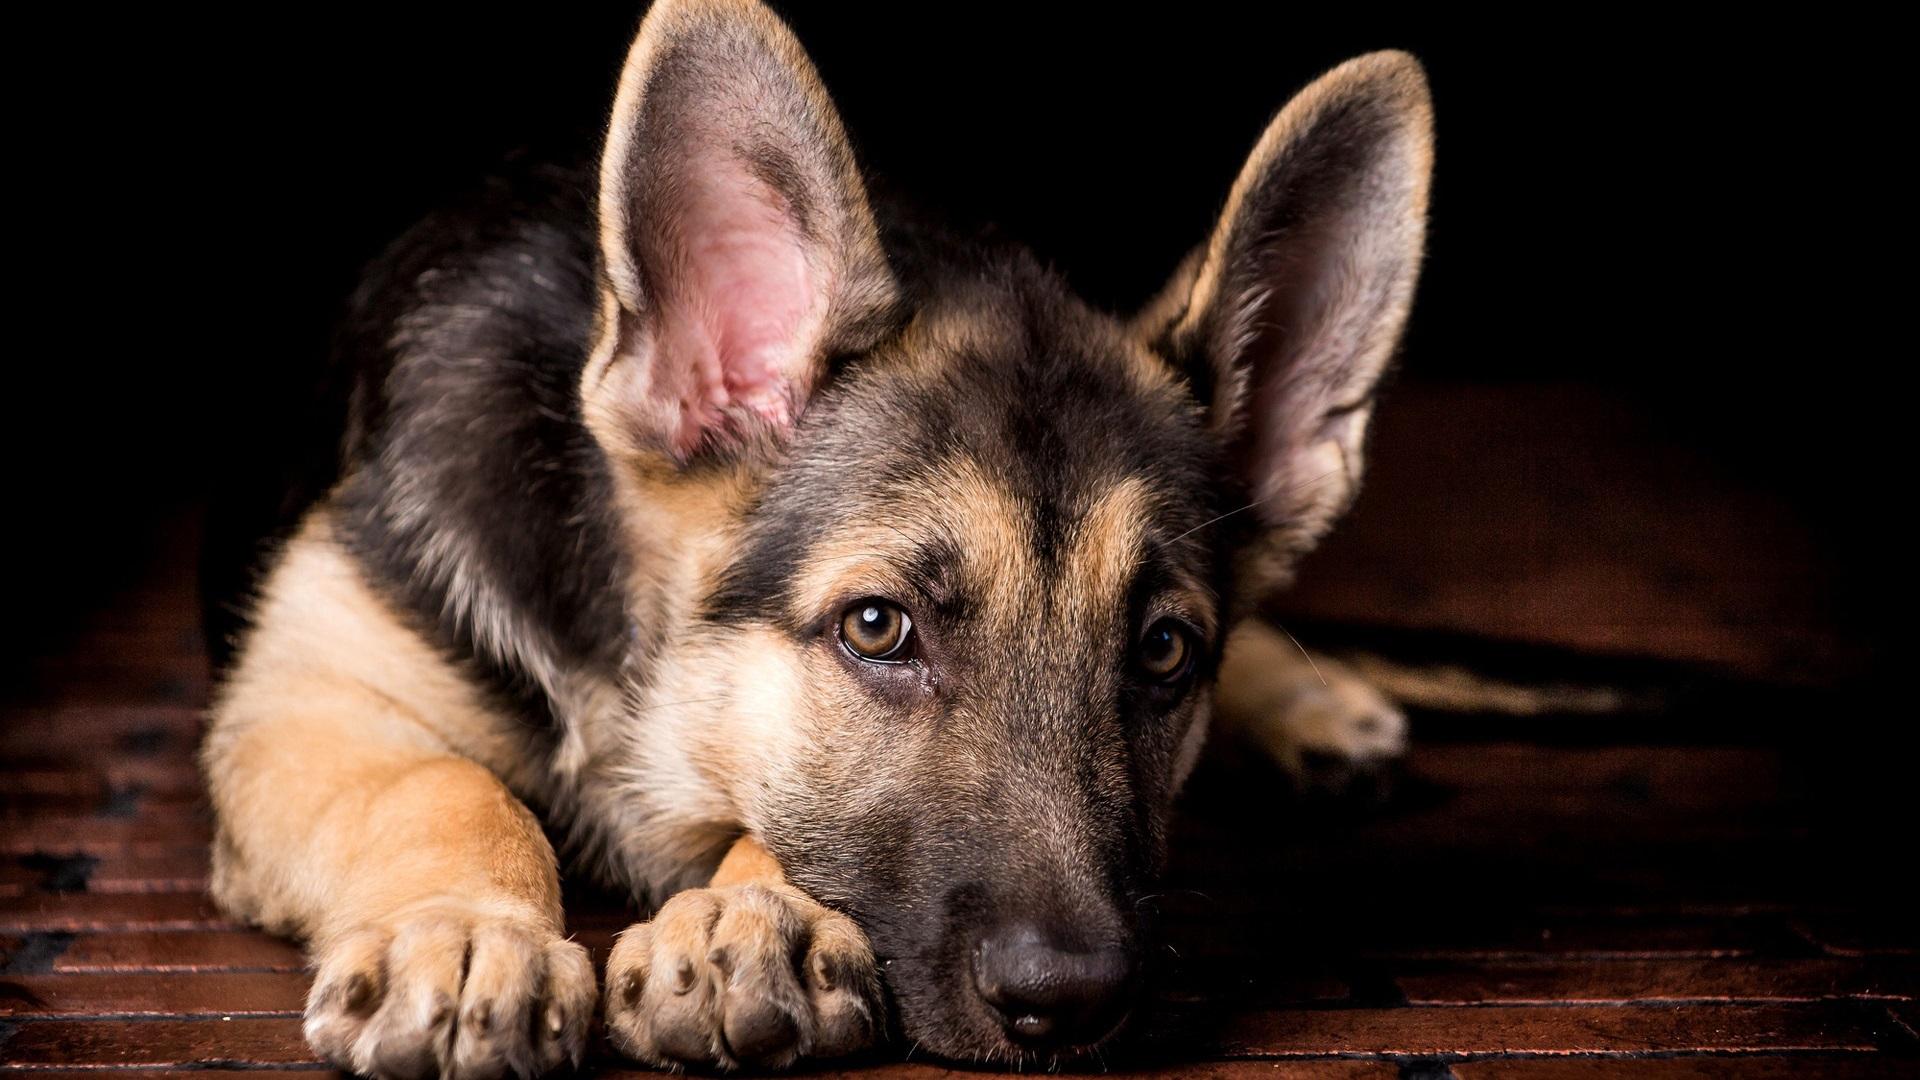 壁纸 孤独的狗,牧羊犬,脸特写 1920x1200 HD 高清壁纸, 图片, 照片